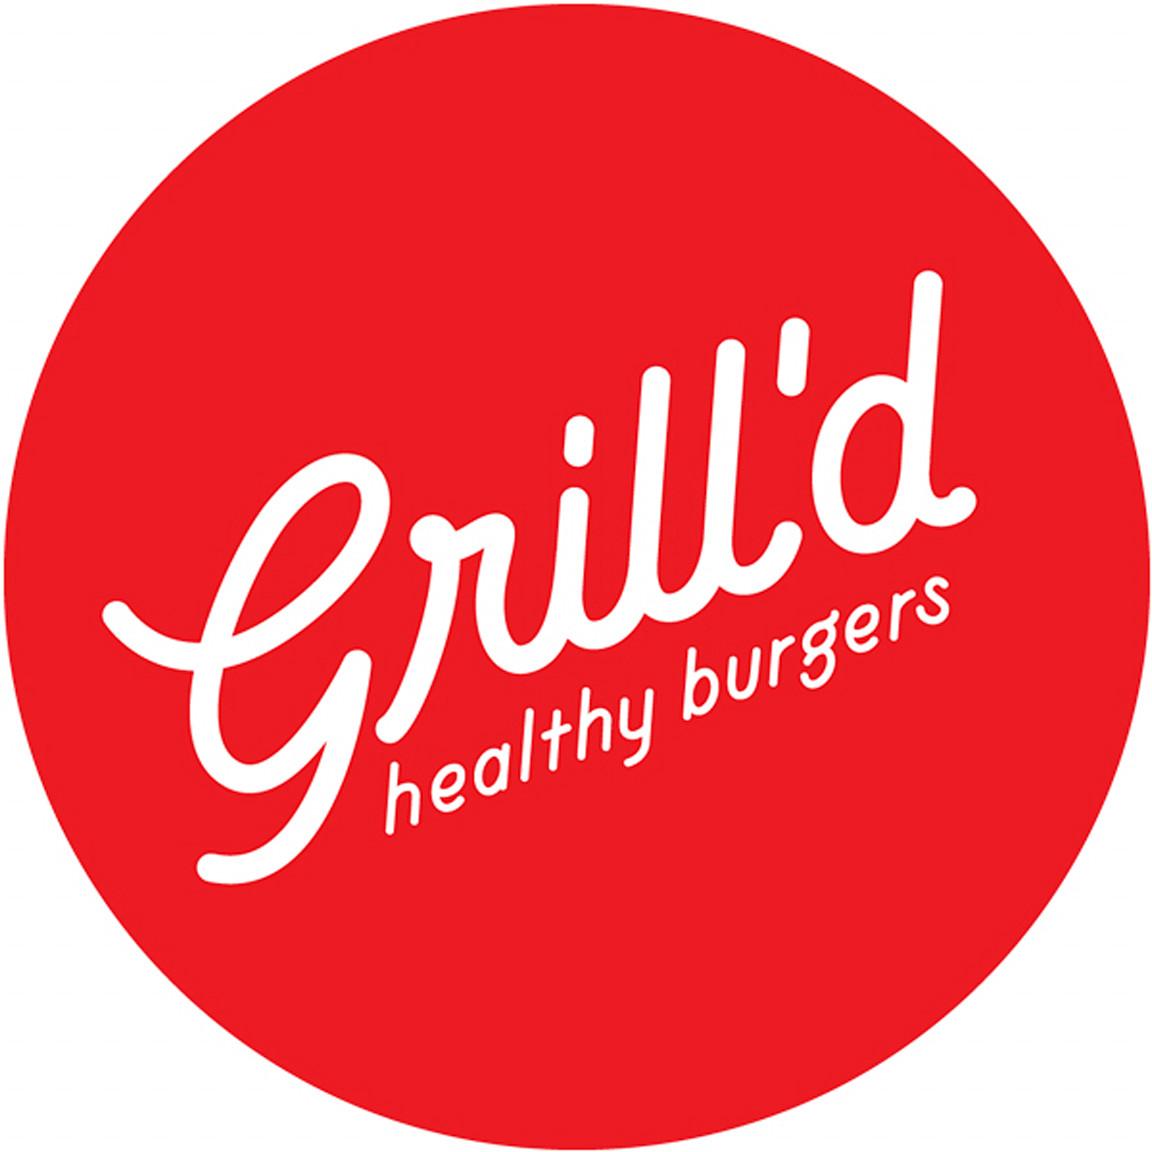 grilld-logo-color